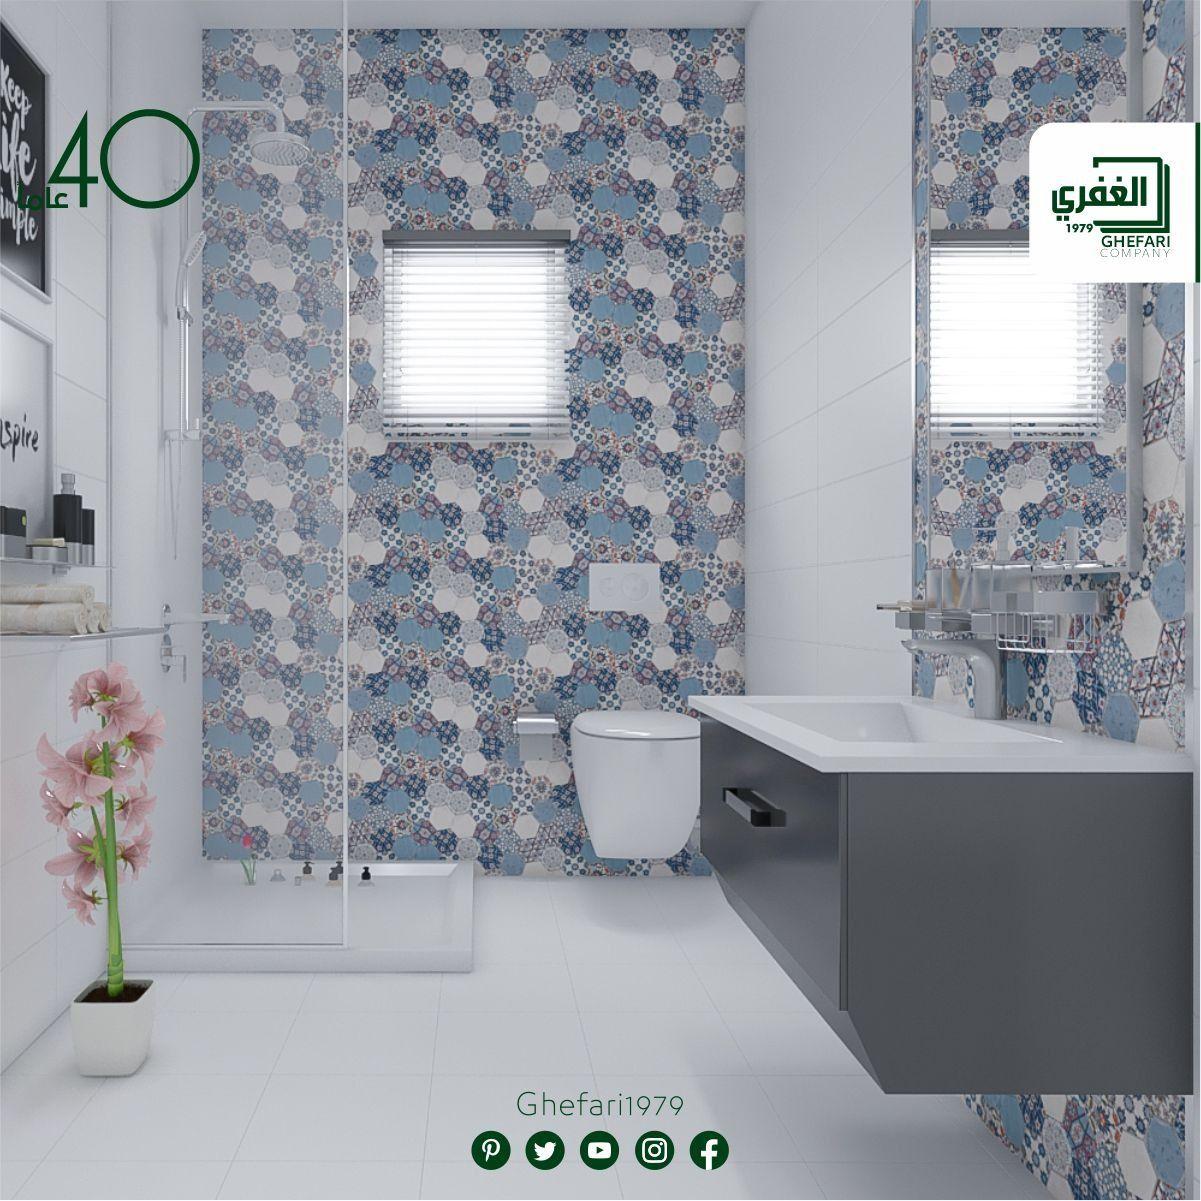 بورسلان ارضي حوائط حمامات مطبخ اسباني الصنع ديكور للمزيد زورونا على موقع الشركة Https Www Ghefari Com Ar Decor واتس اب Home Decor Decor Vanity Mirror